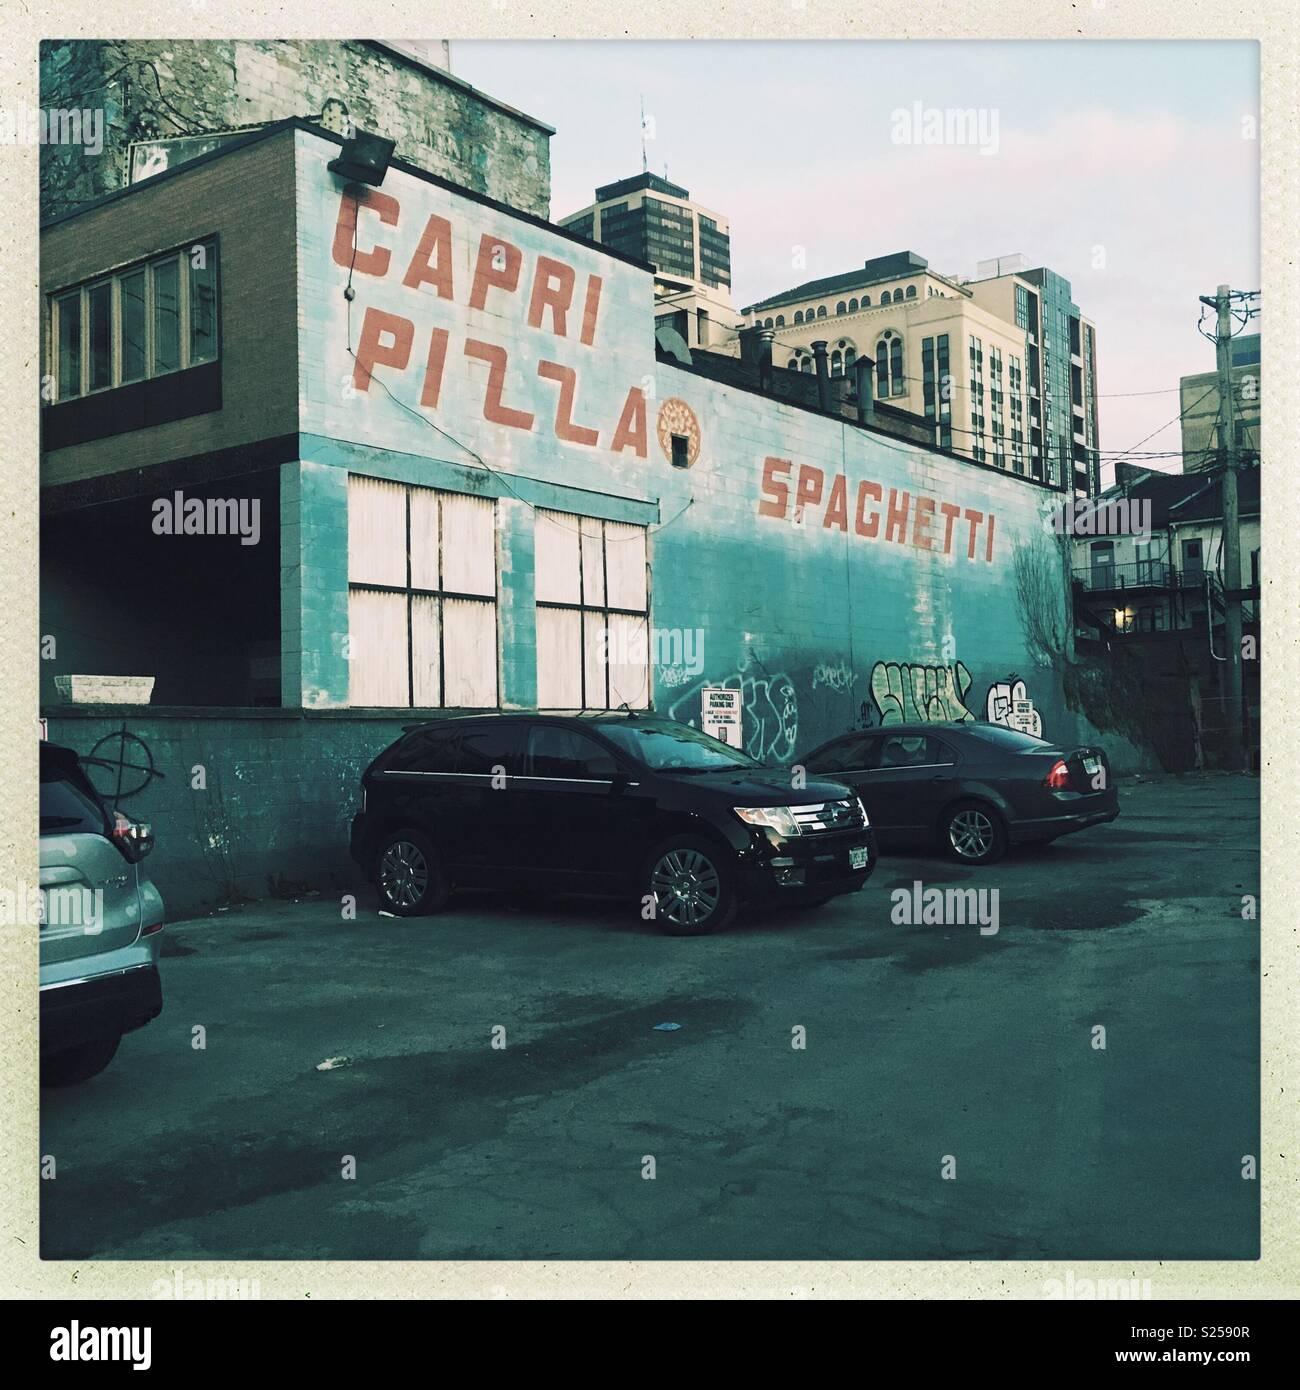 Pizza Capri Spaghetti, scène urbaine, Hamilton, Ontario, Canada Photo Stock